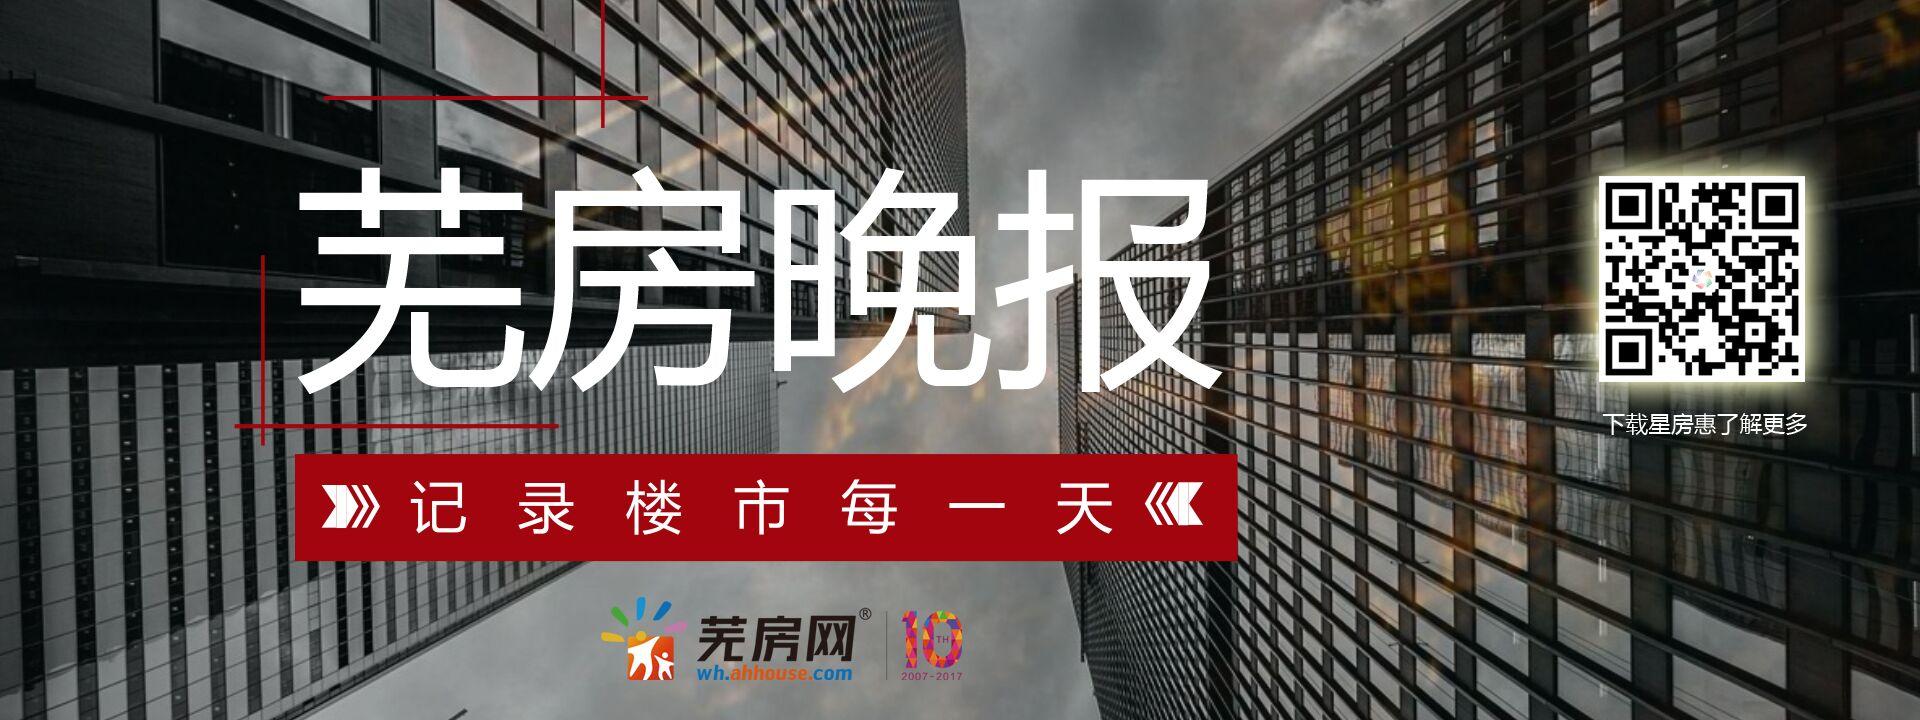 11.21芜房晚报:星光奖楼盘评选半月战报出炉